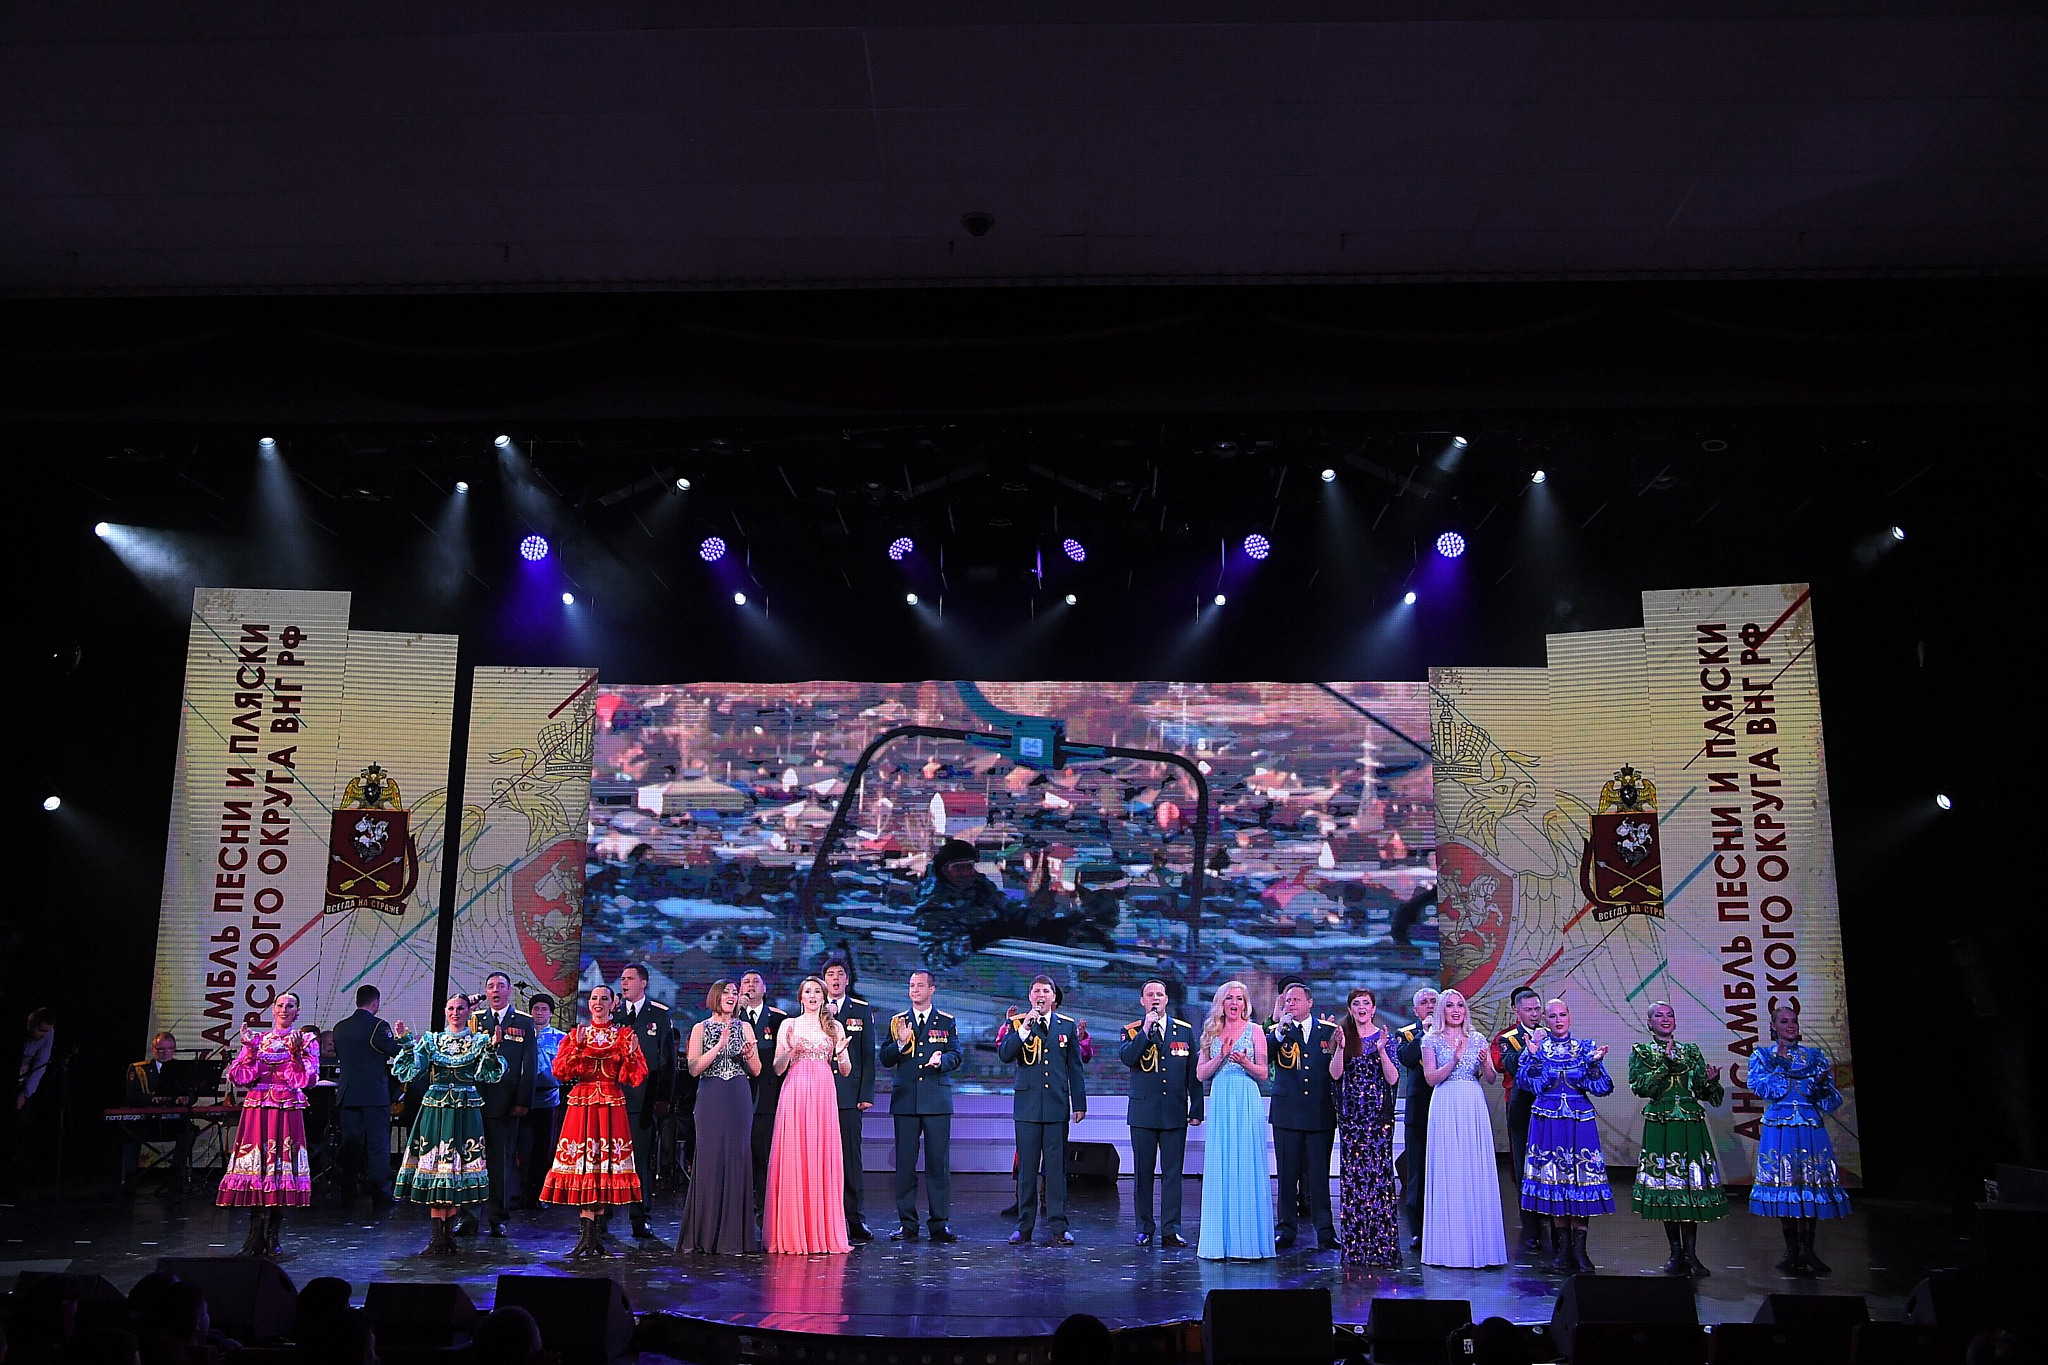 Ансамбль песни и пляски Сибирского округа - победитель Всероссийского конкурса ансамблей Росгвардии